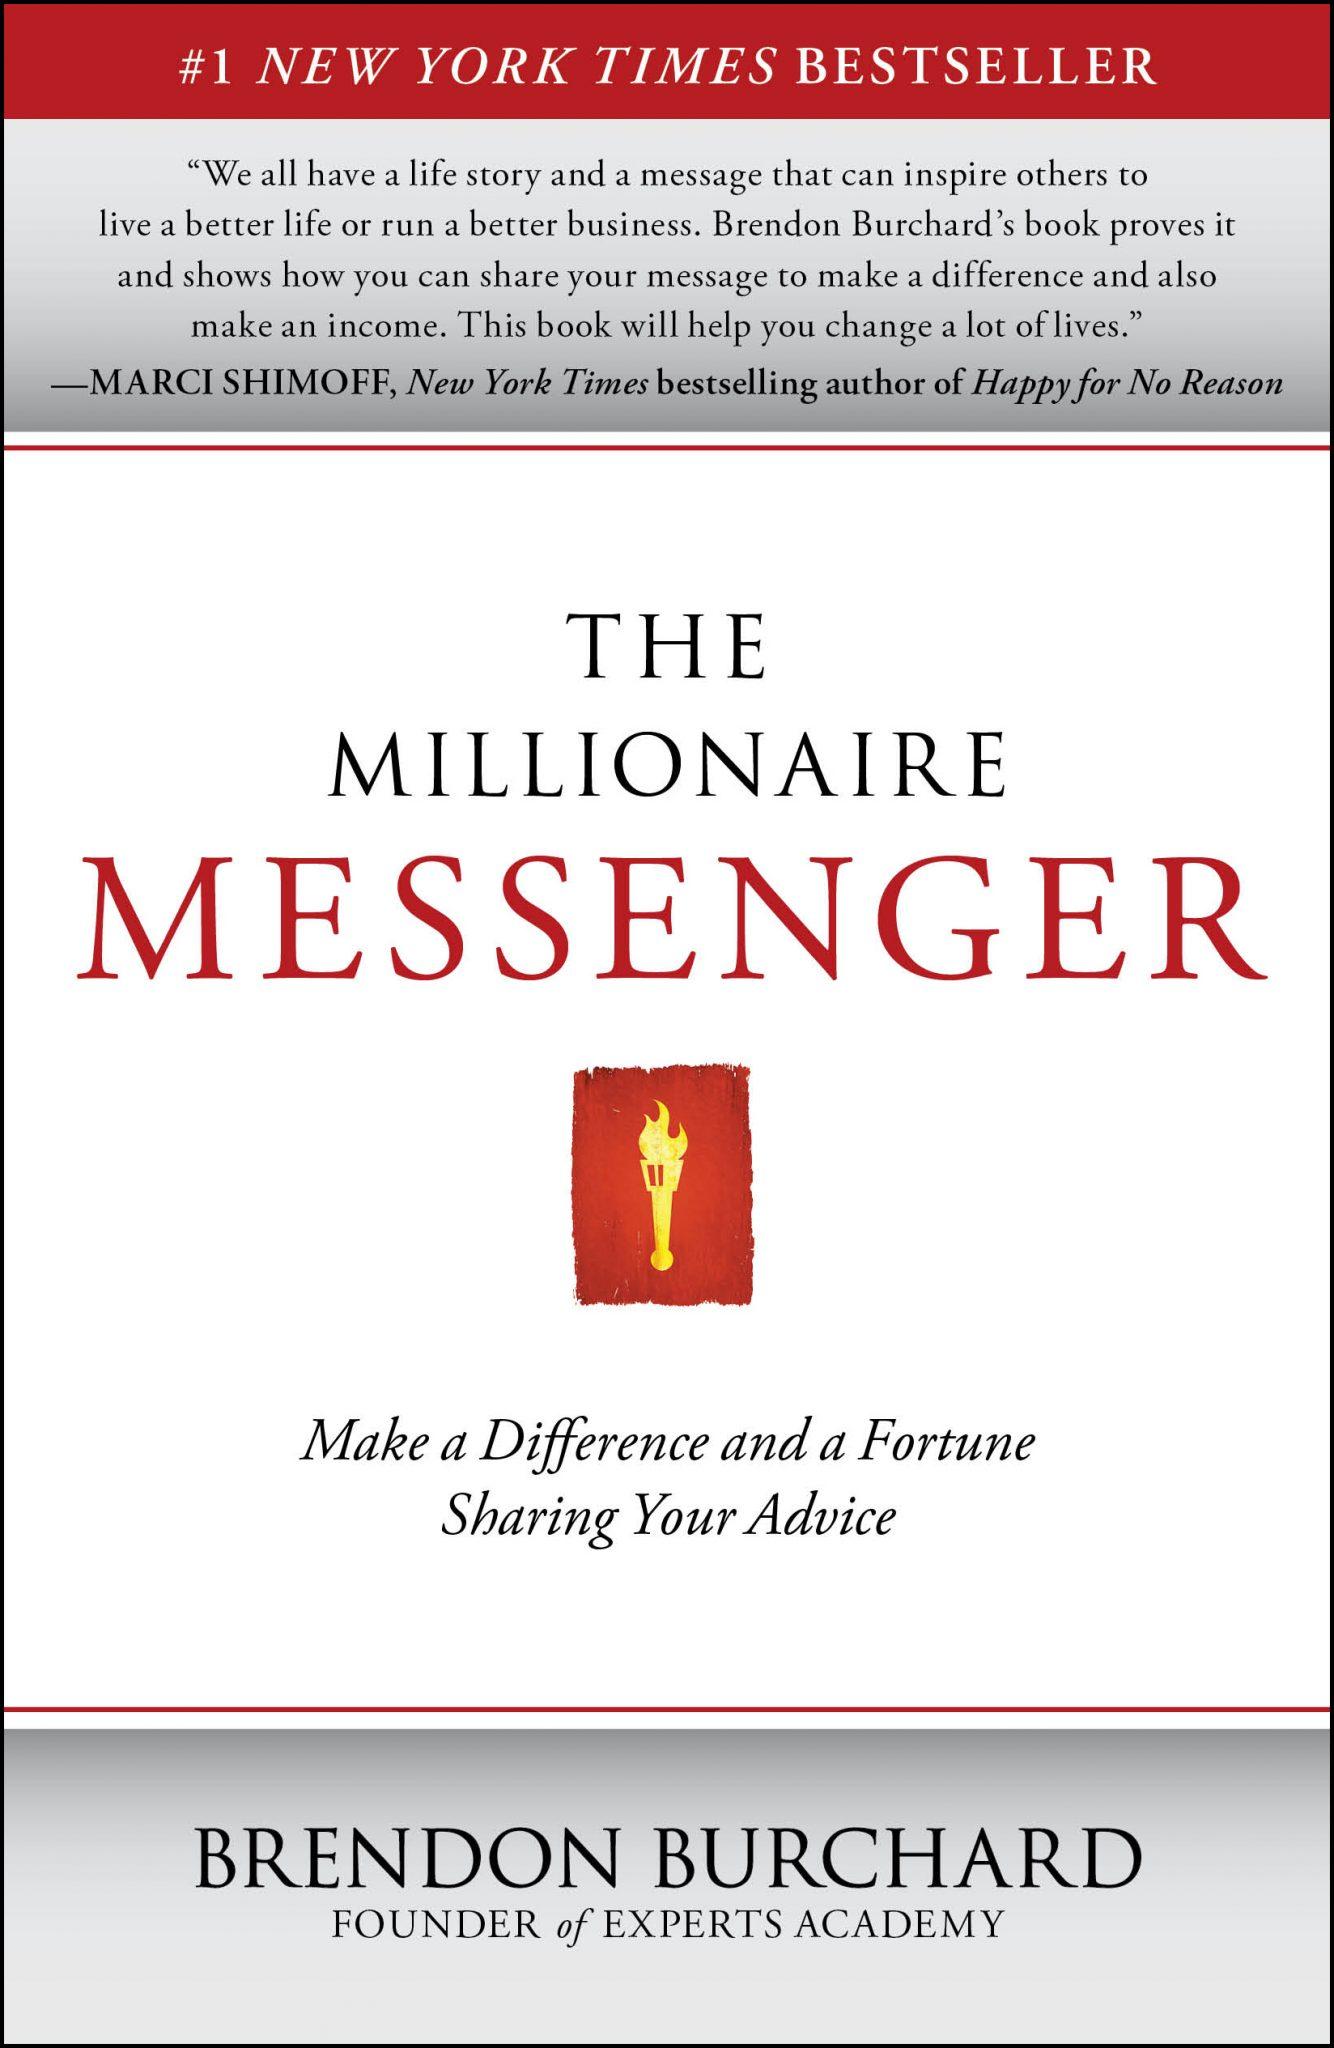 Millionaire Messenger, Brendon Burchard